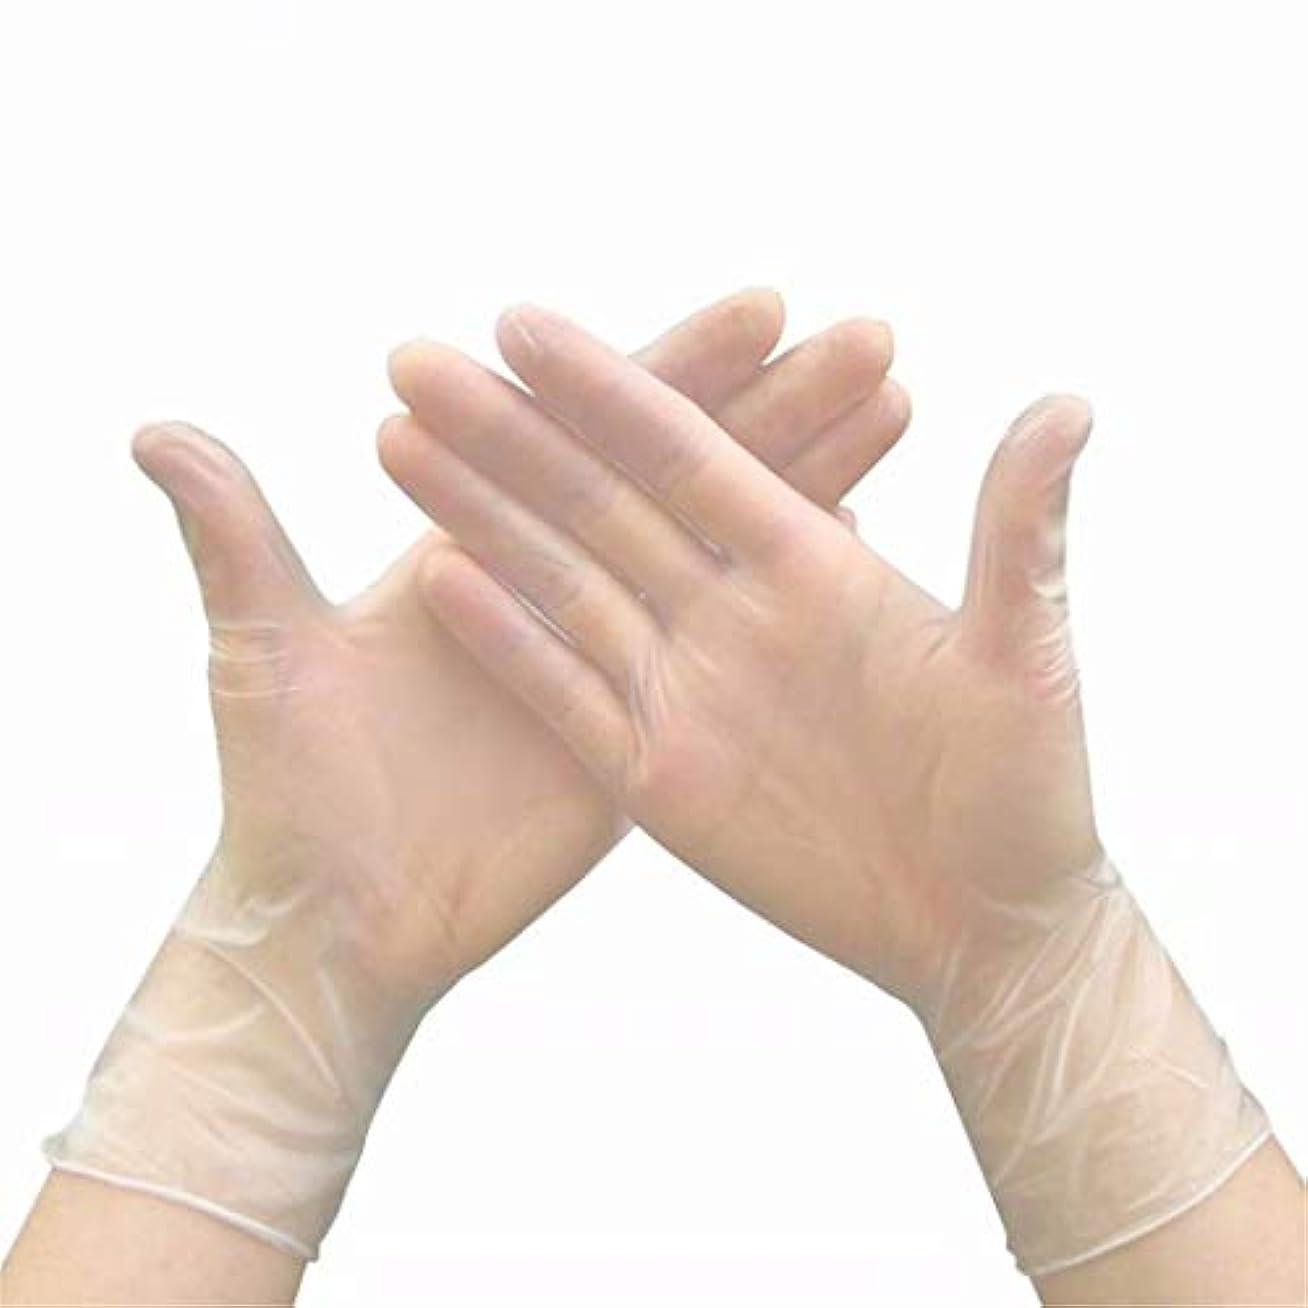 靄テレックスムス七里の香 使い捨てビニール手袋、医療試験、パウダーフリーラテックスフリー、アレルギーフリー 20pcs/Box